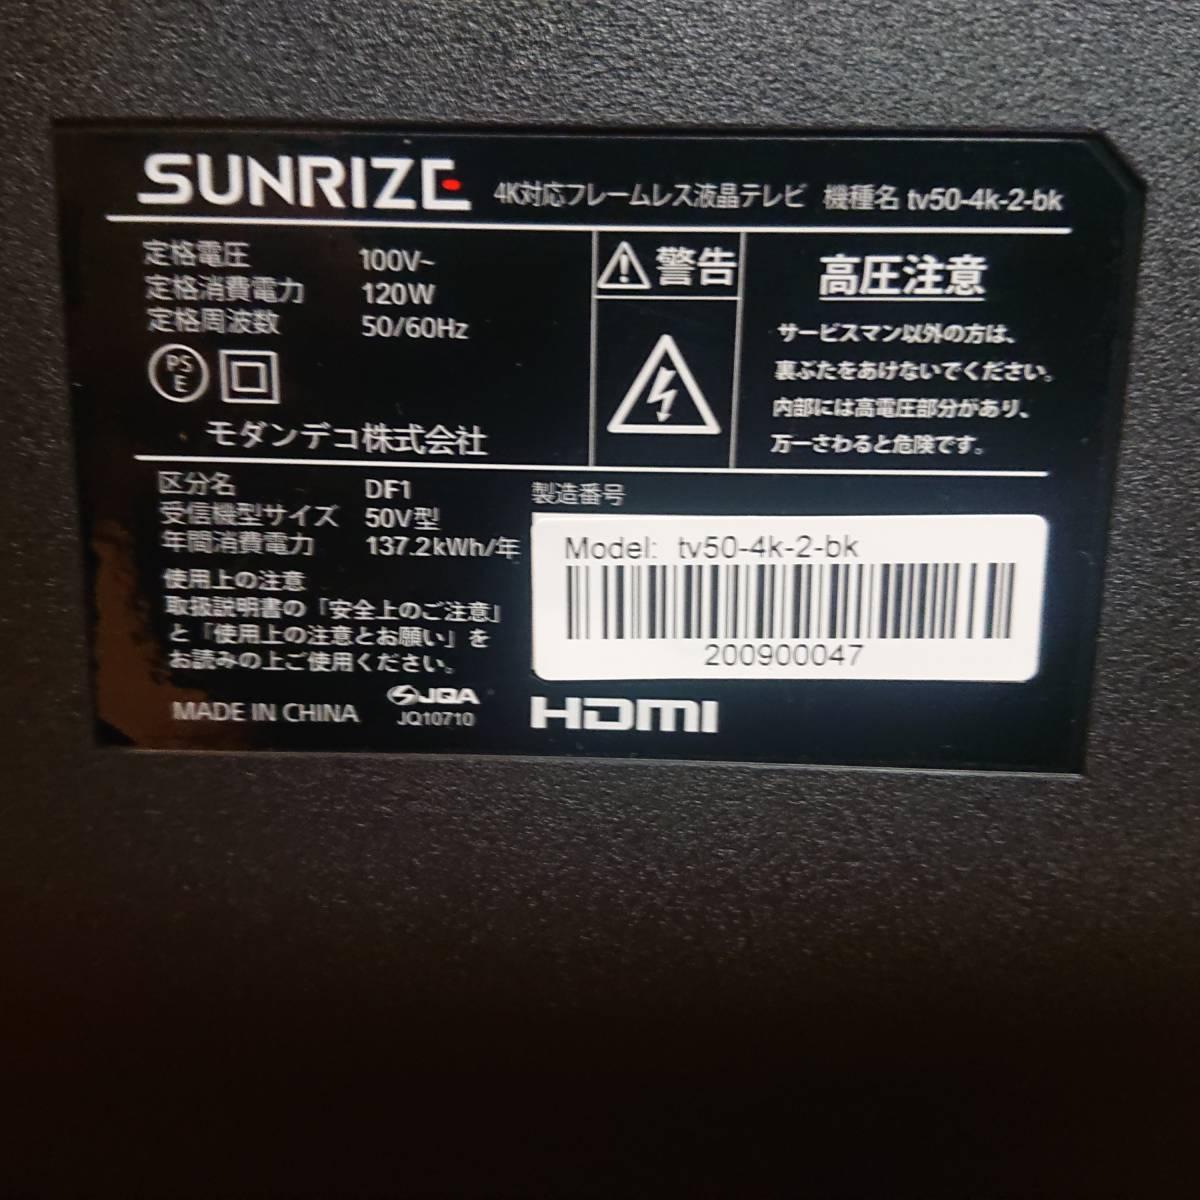 SUNRIZE 4Kフレームレステレビ  [50インチ]_画像3